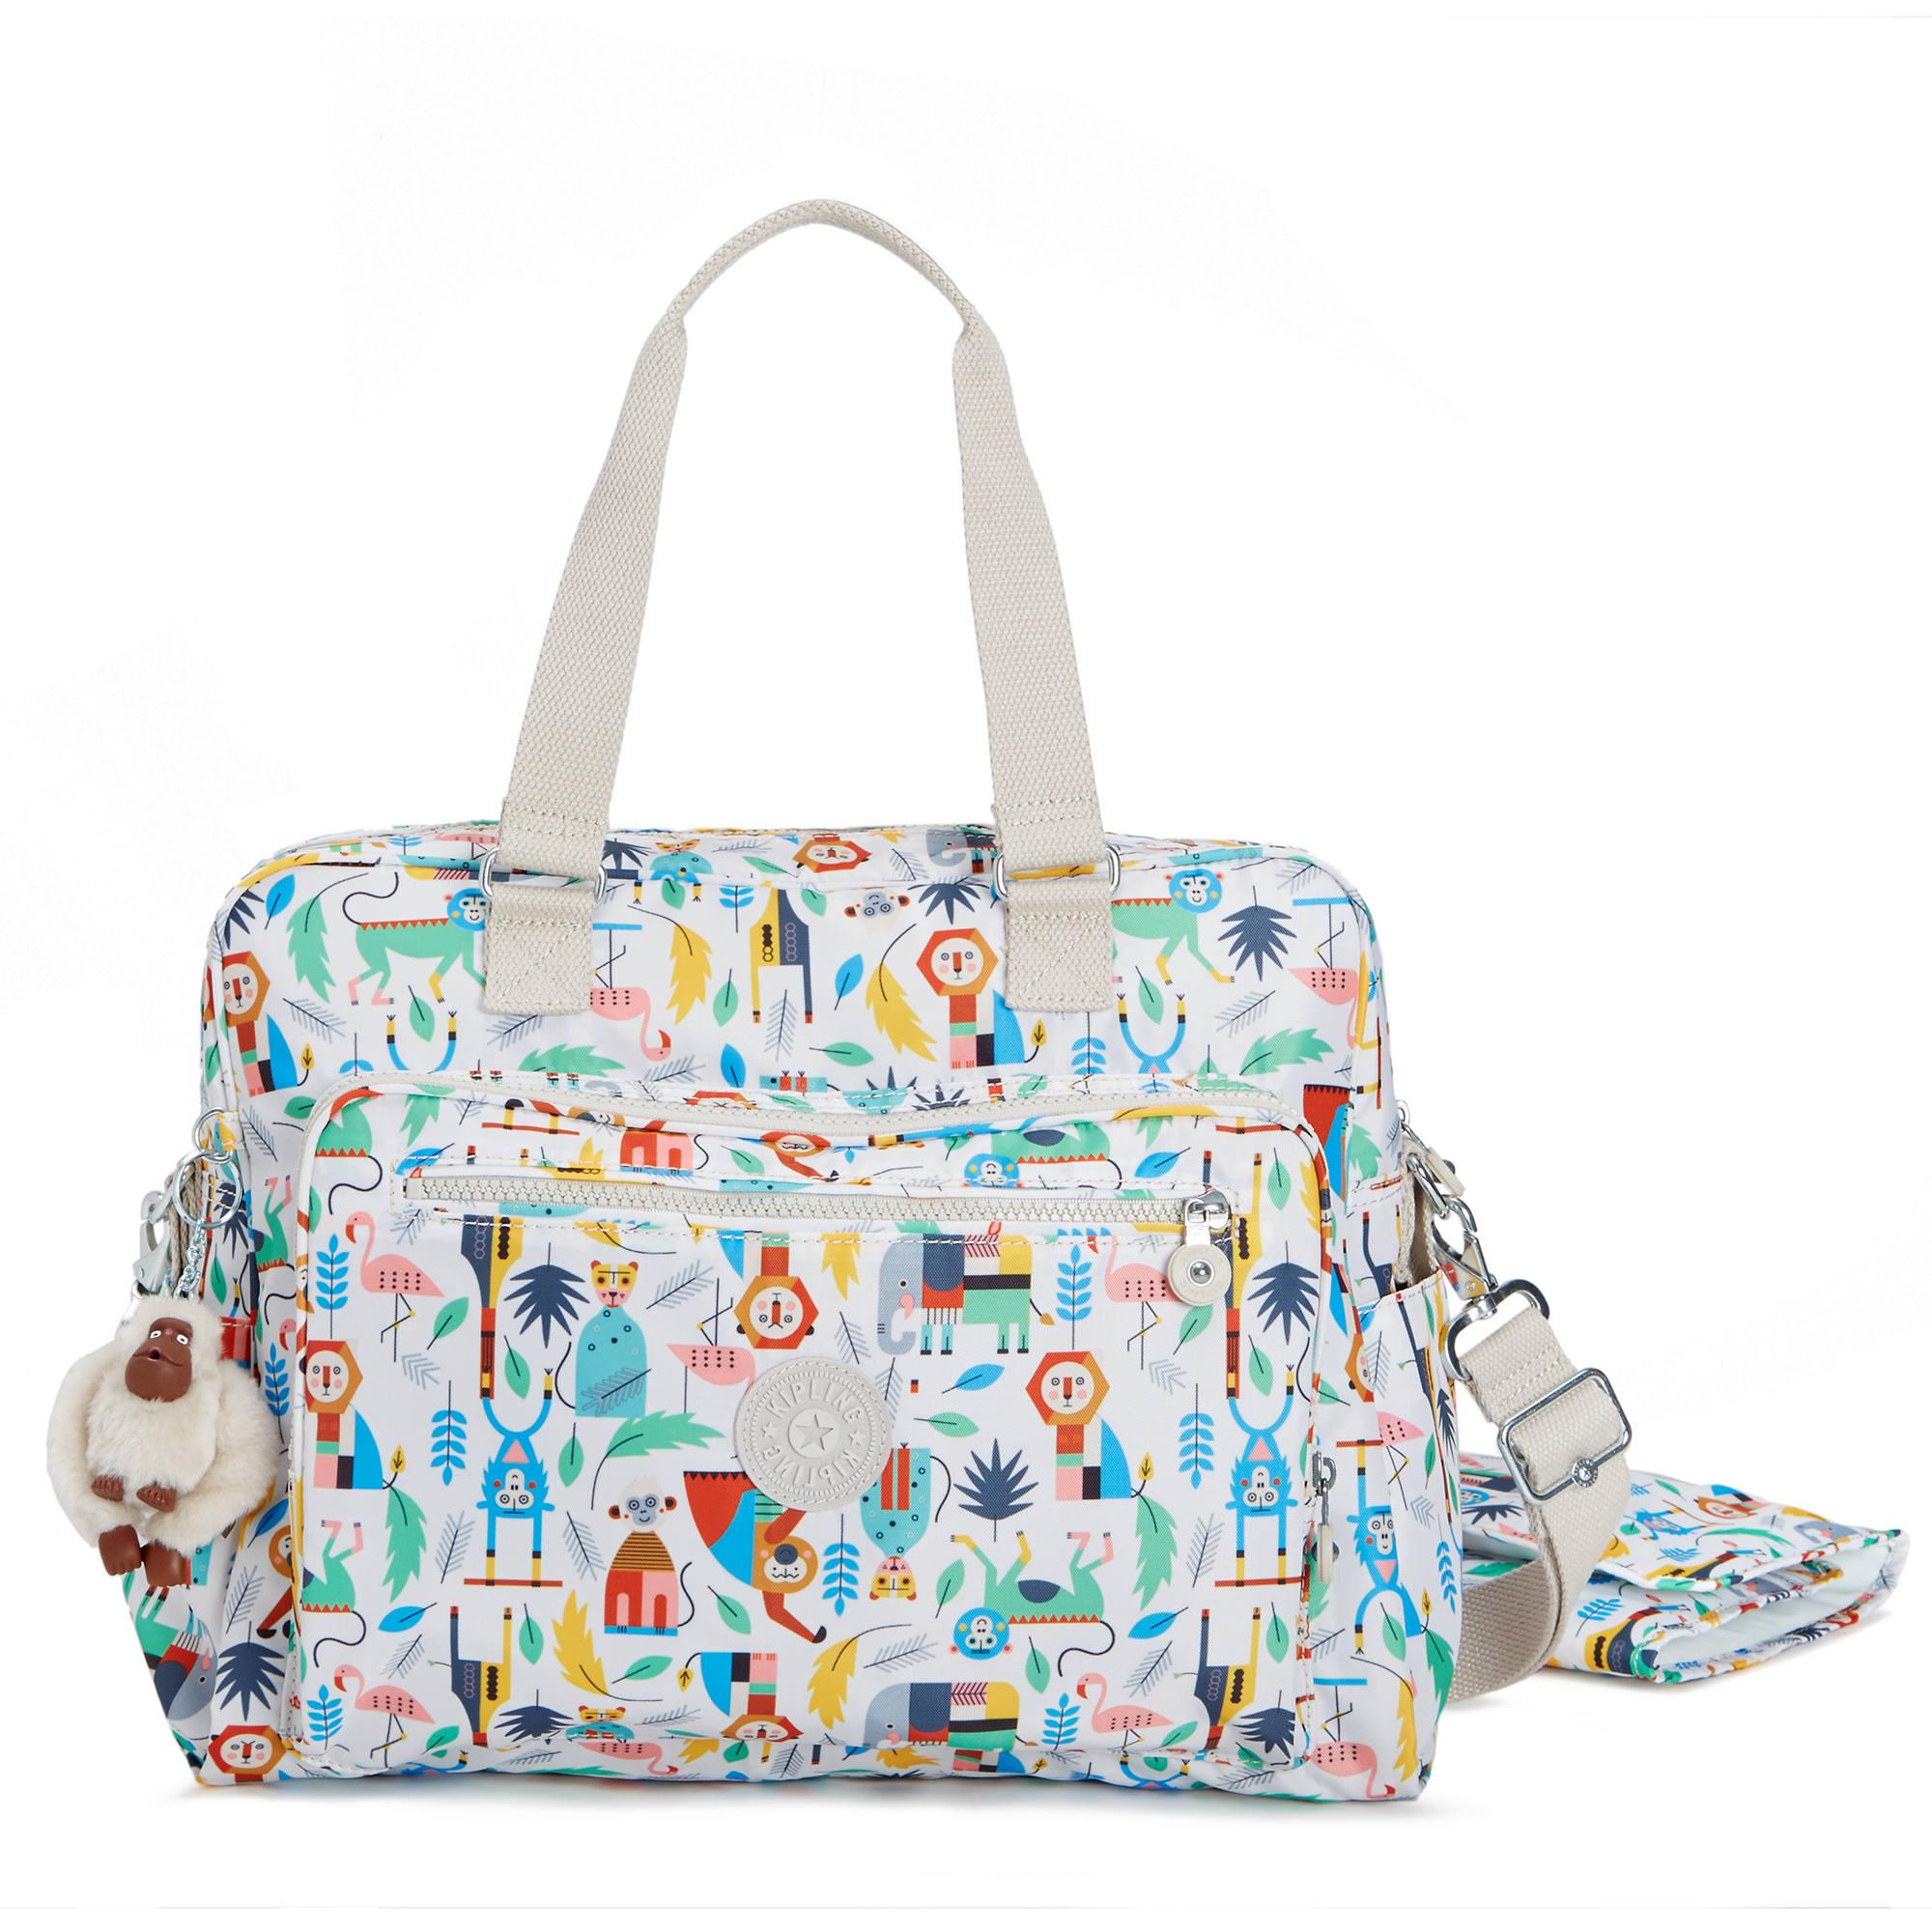 designer diaper bags diaper bag backpack  baby bags  kipling - alanna printed diaper bag  undefined